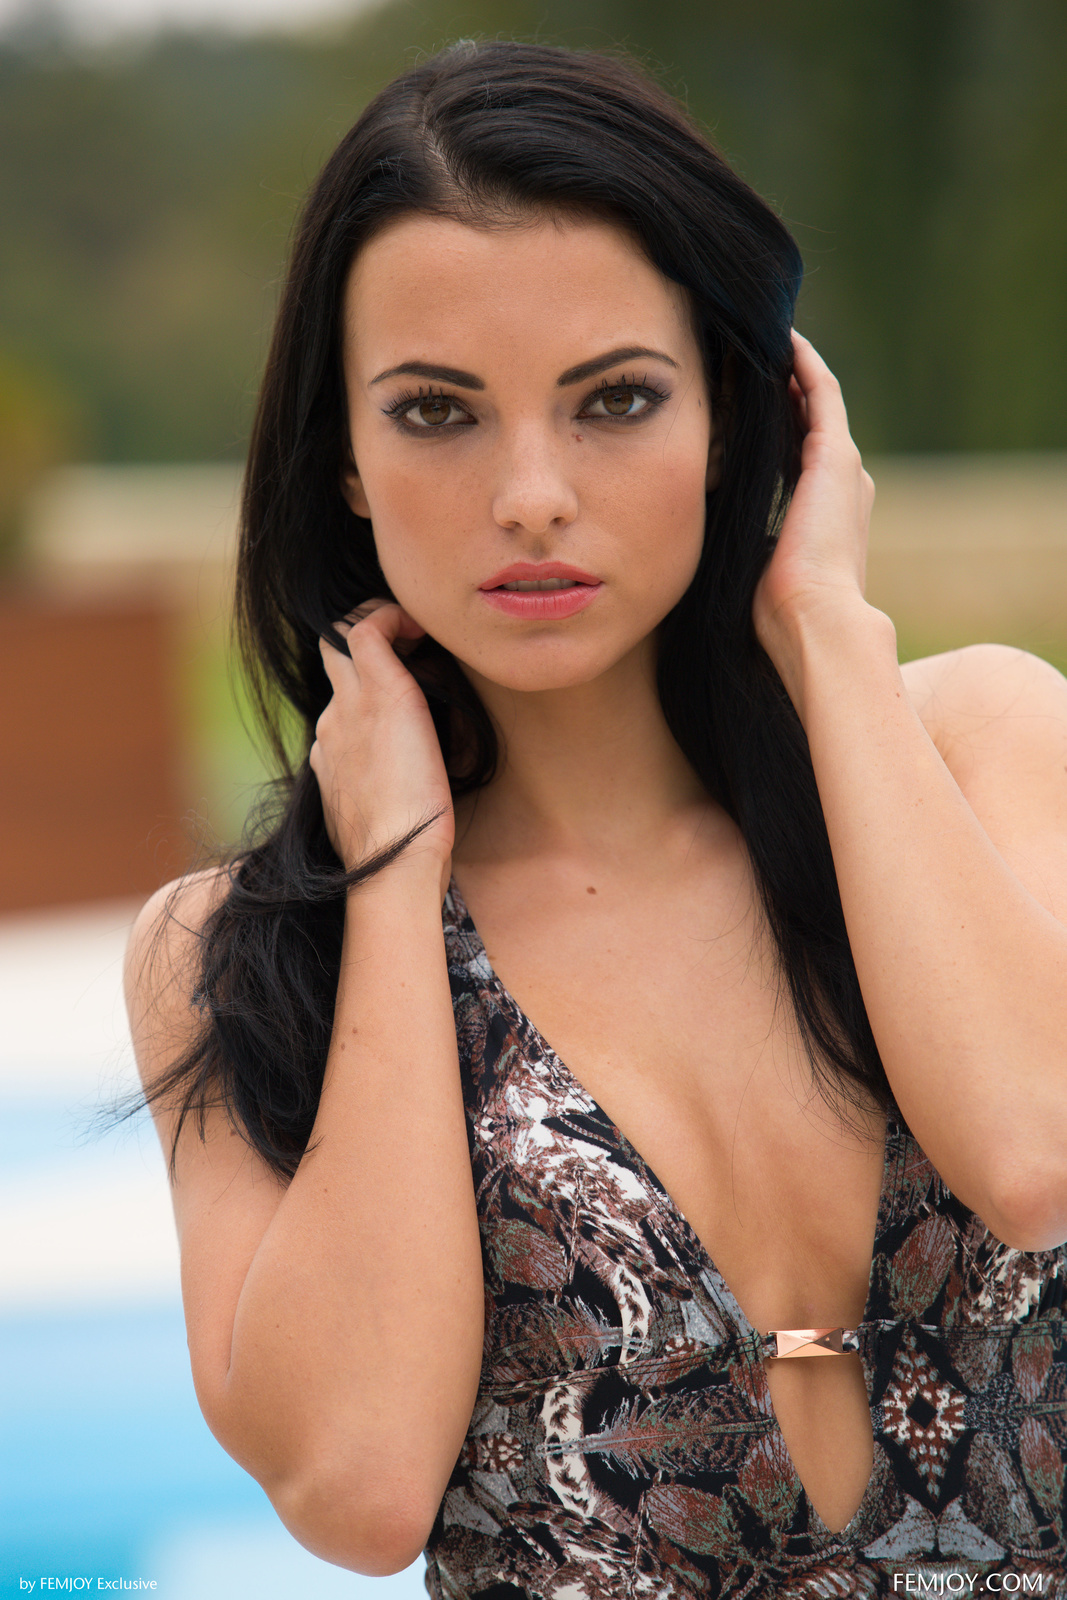 Zdjęcie porno - 046 - Dziewczyna przy basenie